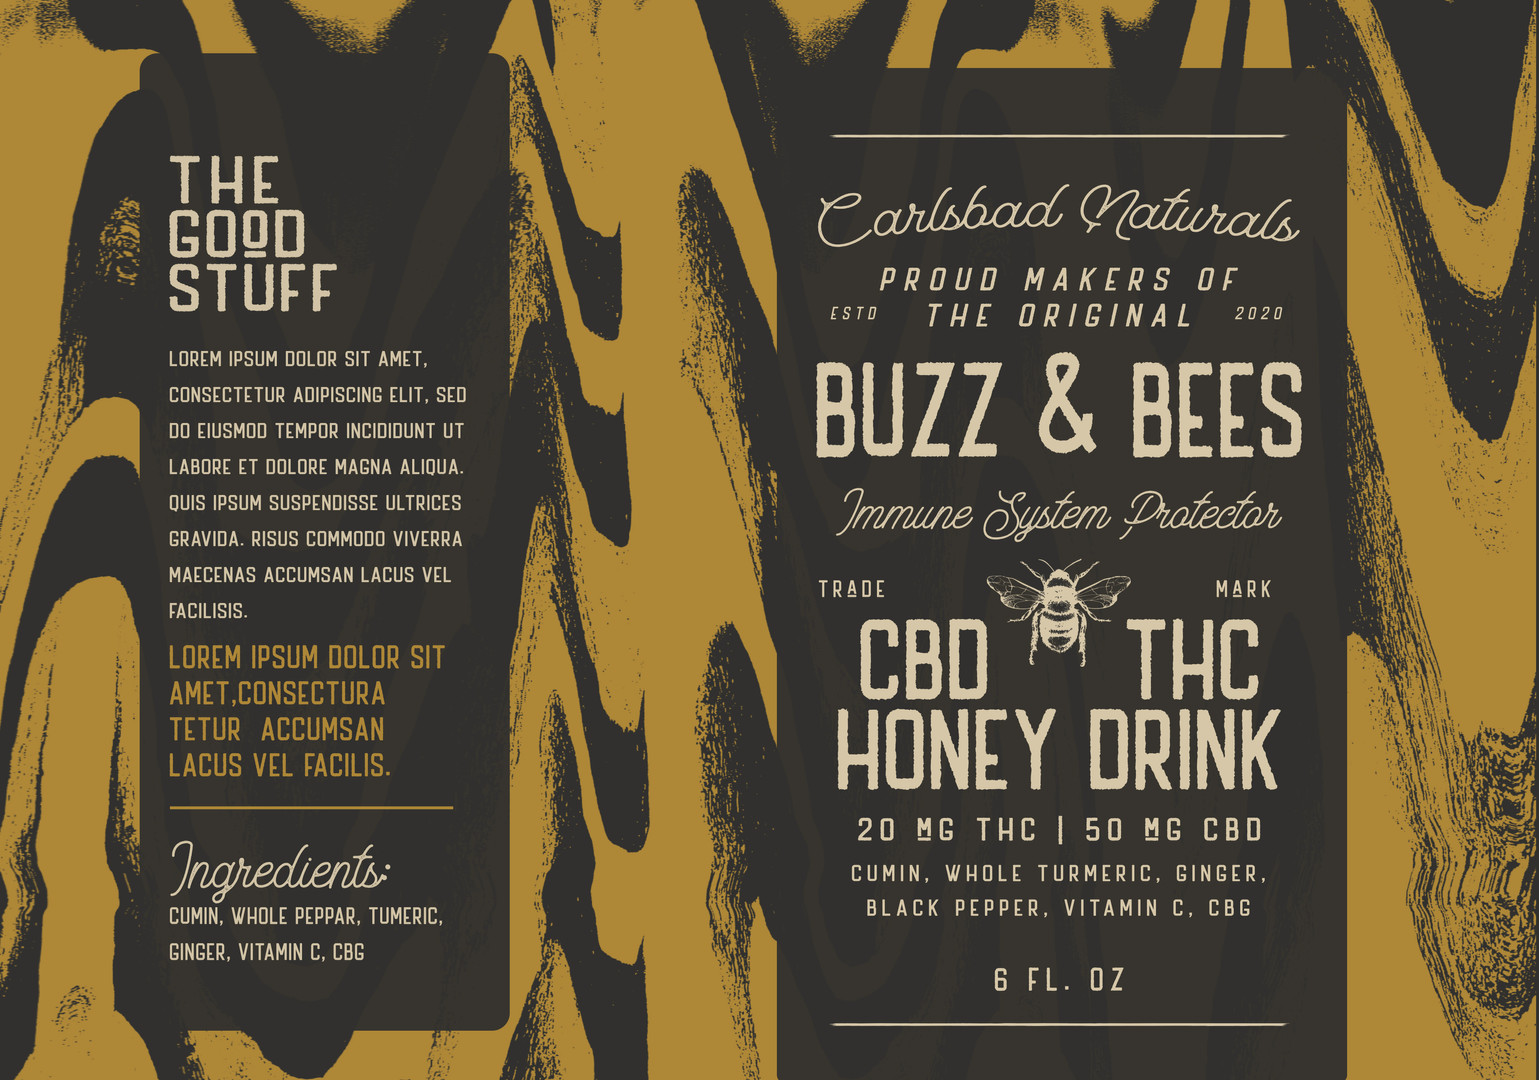 buzz n bees mockup 3.jpg